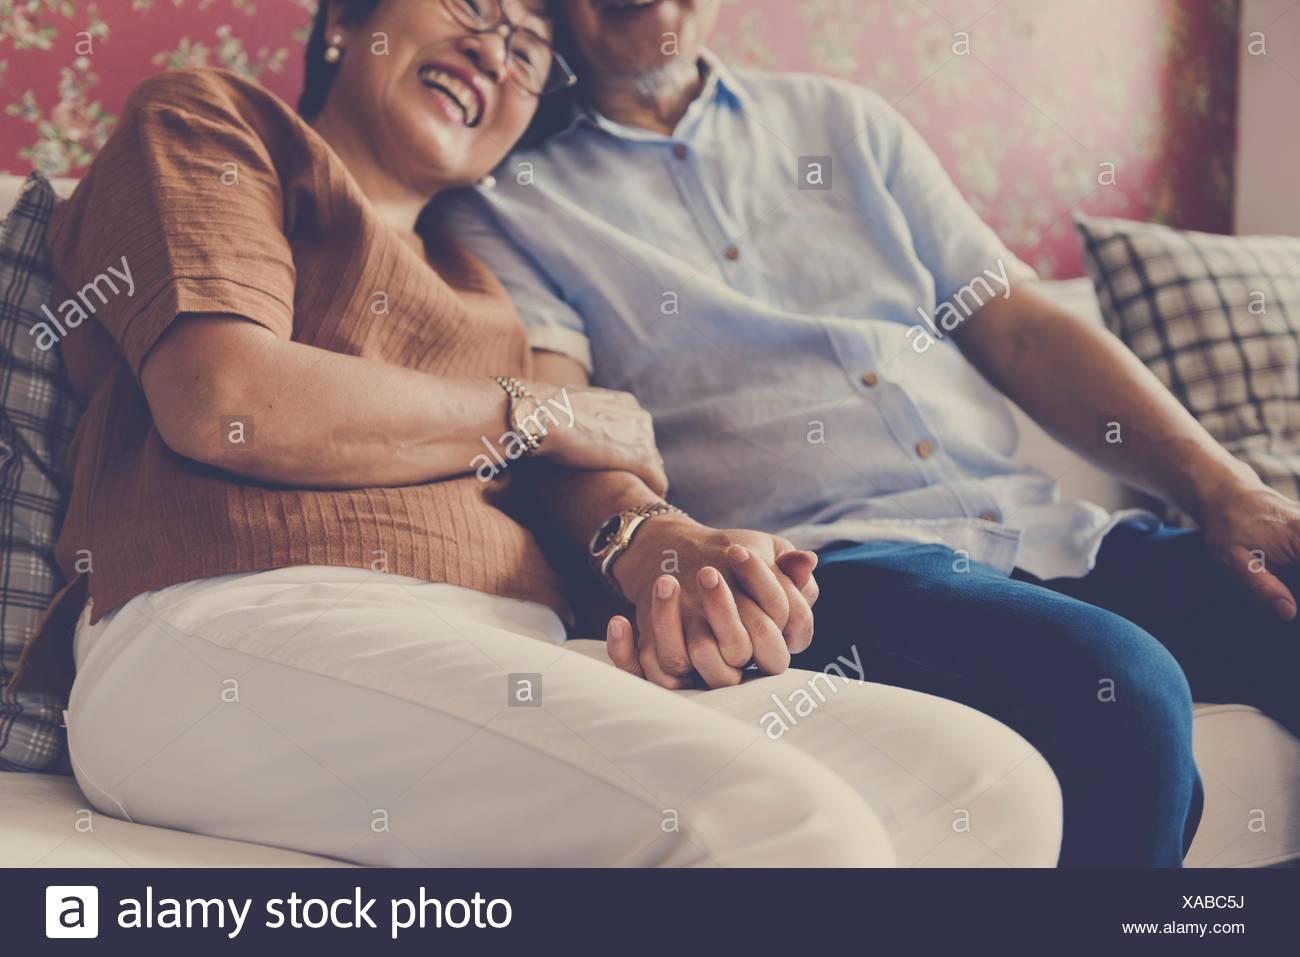 La liaison de famille Relation Affection occasionnels Photo Stock